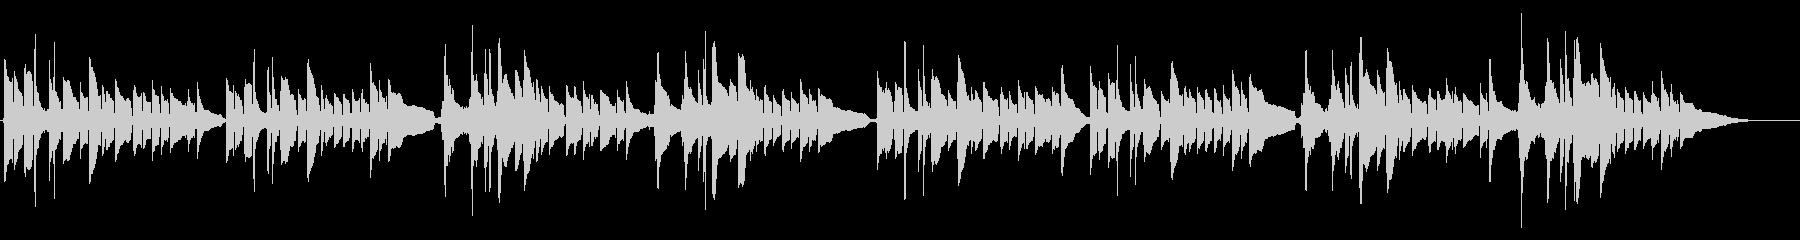 英国民謡 グリーンスリーブス アコギ独奏の未再生の波形